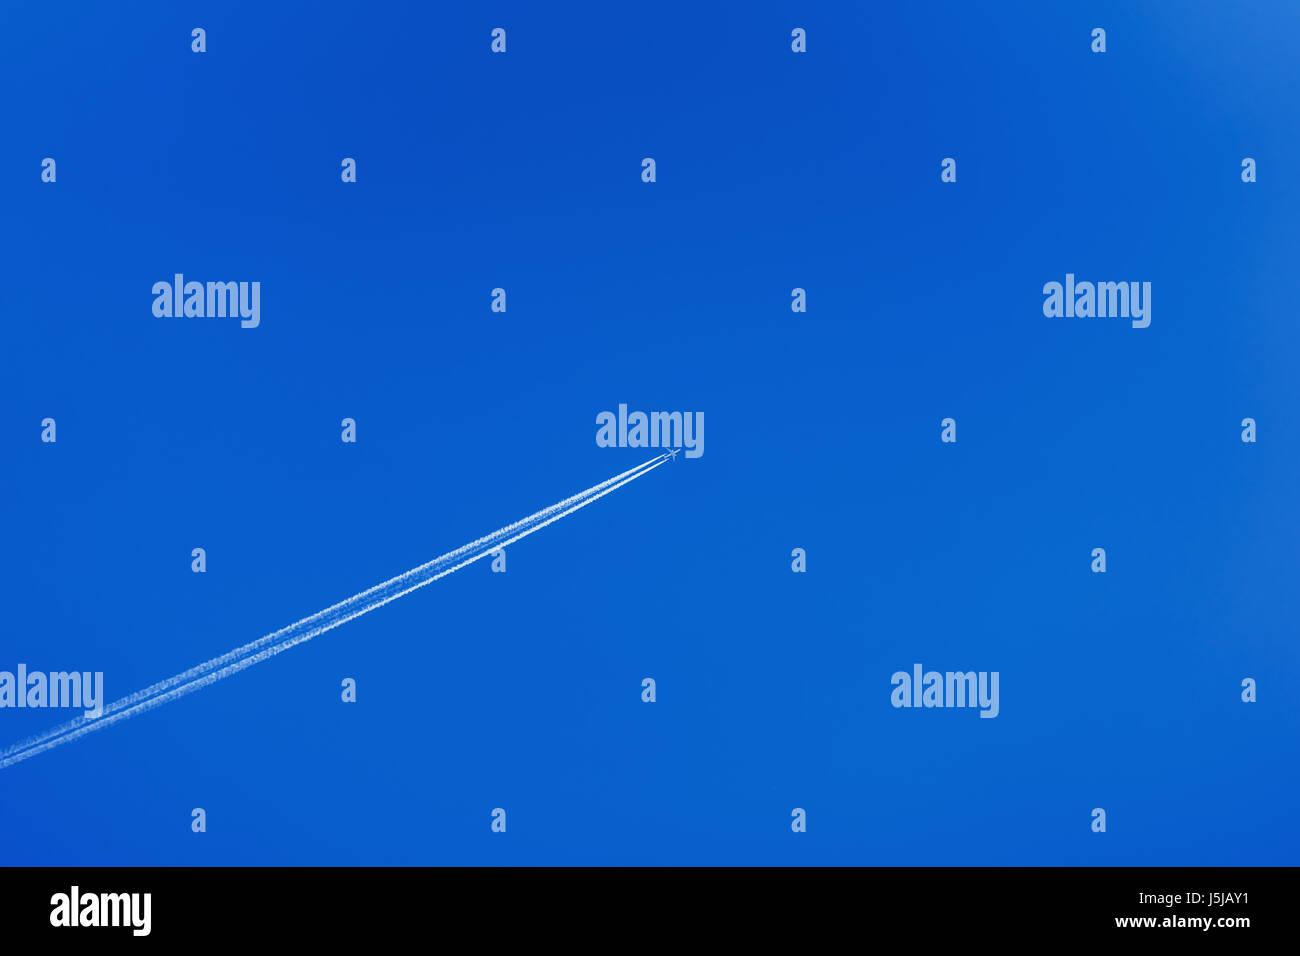 Avión volando dejando huella en diagonal un cielo azul sin nubes. Espacio para copiar el texto, moderno, patrón Imagen De Stock